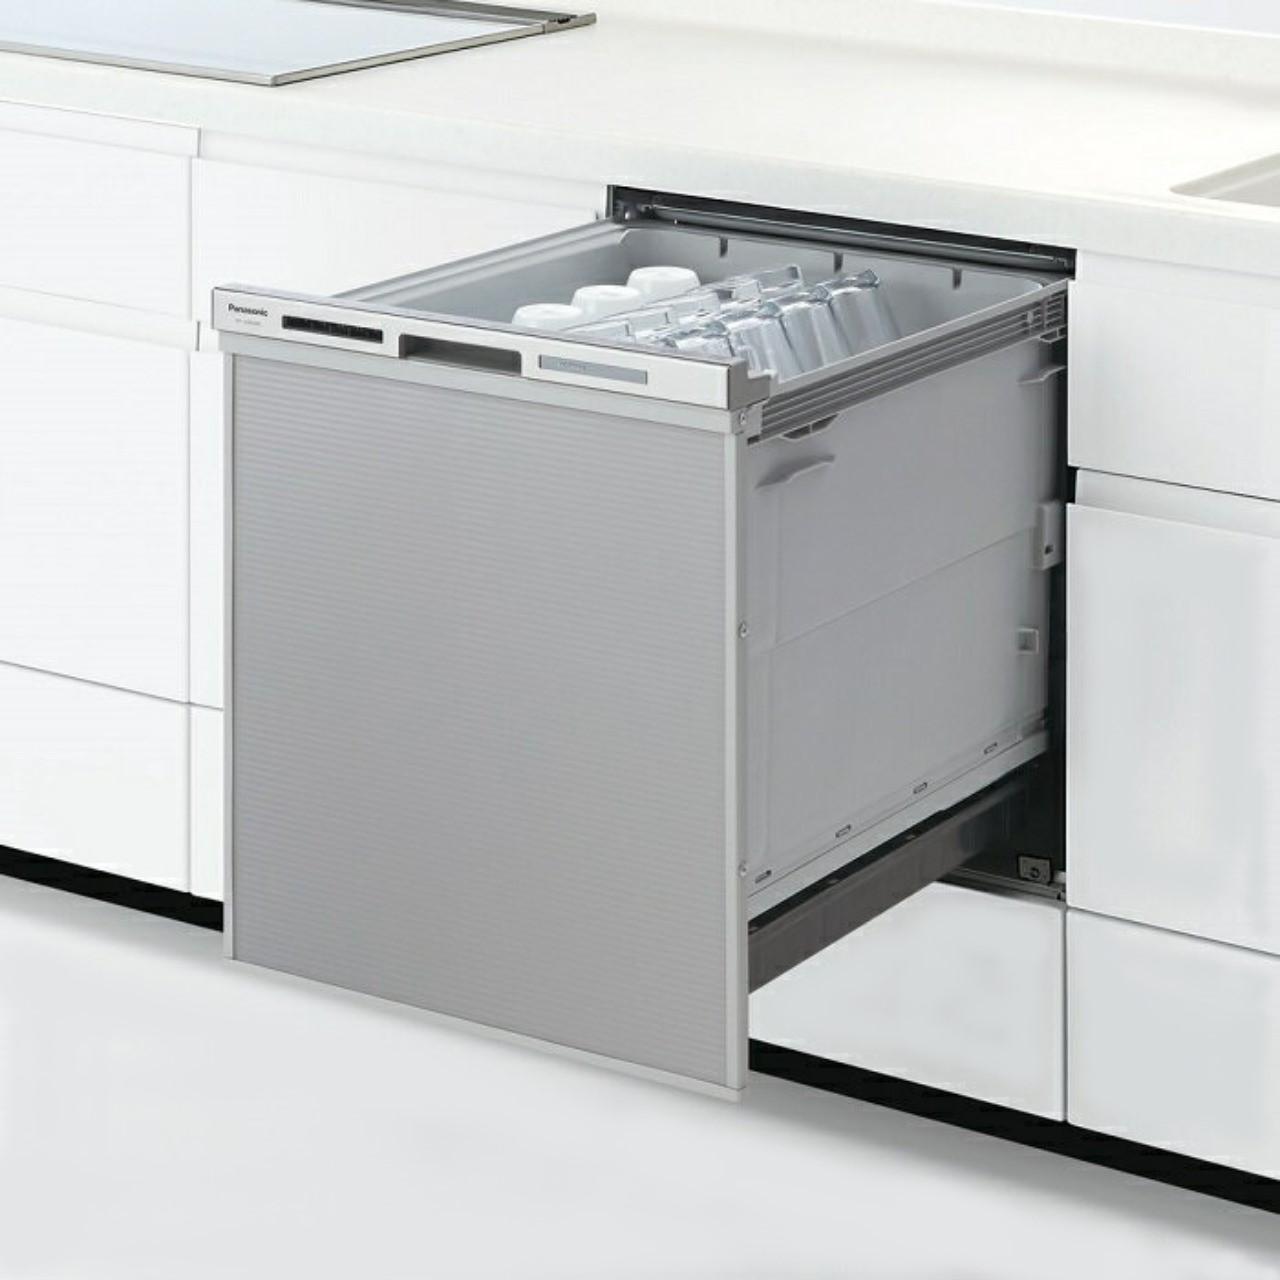 パナソニックNP-45MD8Sビルトイン食器洗い乾燥機